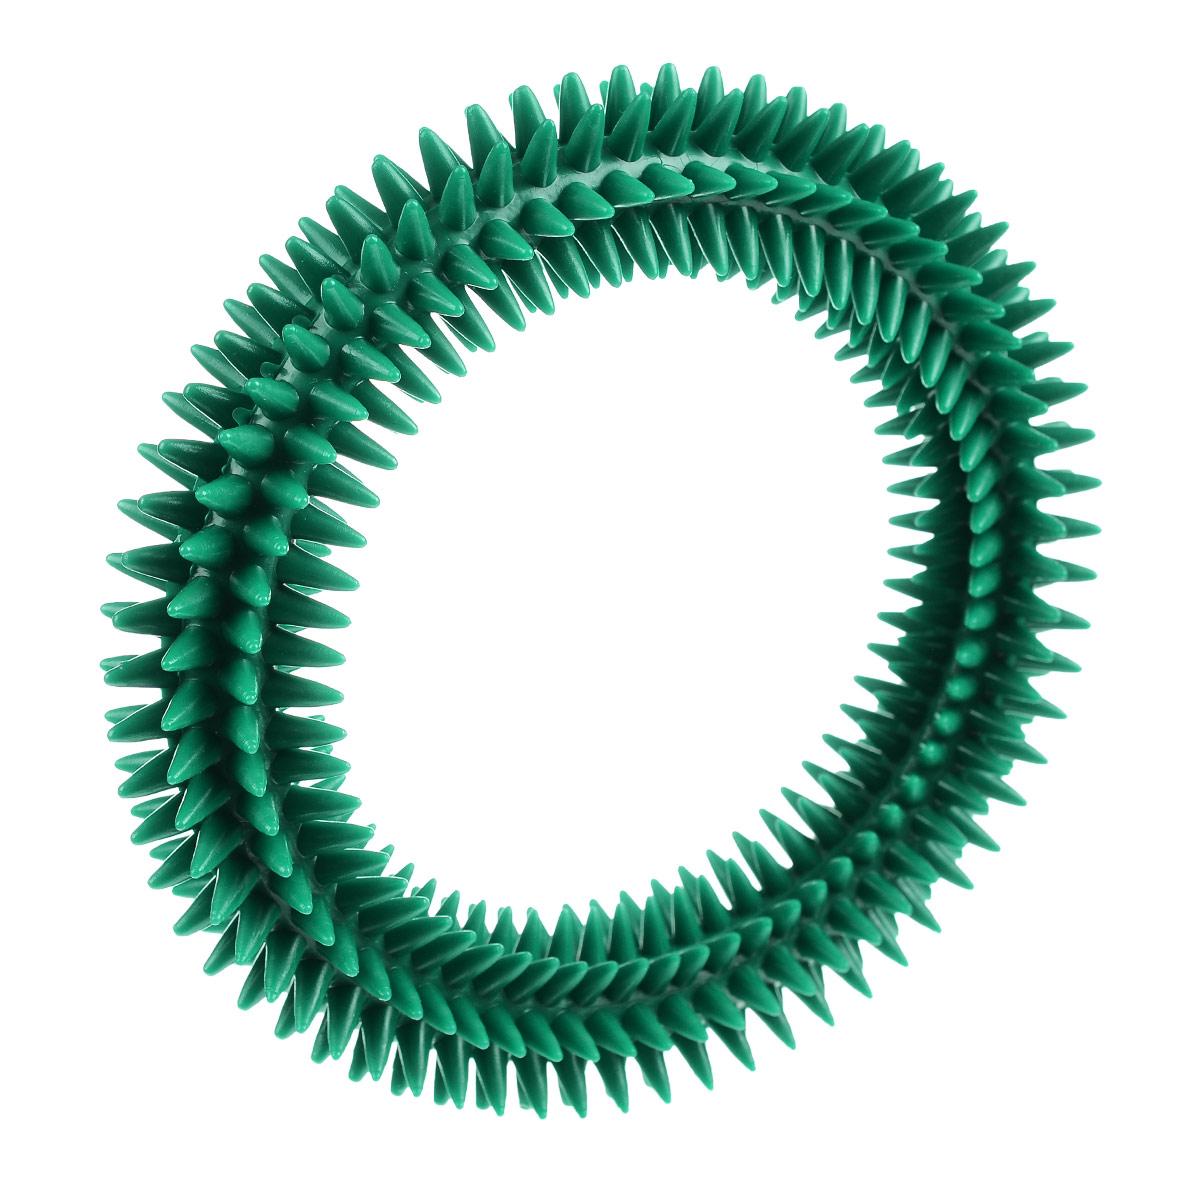 Кольцо массажное с шипами V.I.Pet, цвет: зеленый, диаметр 16 см05016Массажное кольцо с шипами V.I.Pet предназначено для собак. Прочная игрушка выполнена из пластика с использованием только безопасных, не токсичных красителей. Отлично подходит для игры с собакой, во время которой будет происходить массаж и укрепление десен вашего питомца. Как и в случае с любой другой игрушкой для животных, присматривайте за собакой во время игры. Диаметр: 16 см.Товар сертифицирован.